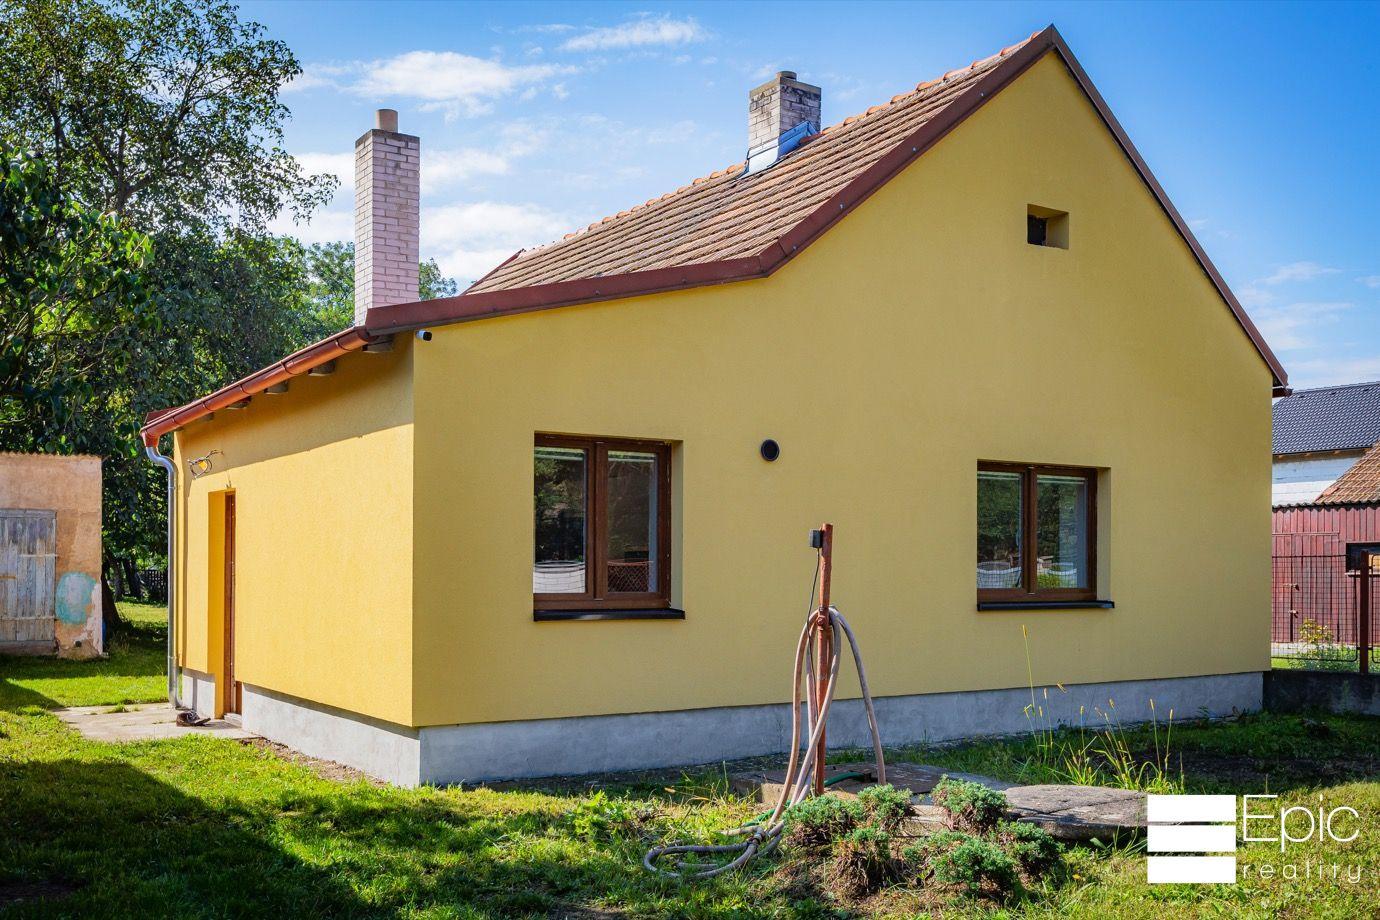 Nabízíme k prodeji dům 2+1, 66m2, pozemek 850m2, hypotéka možná